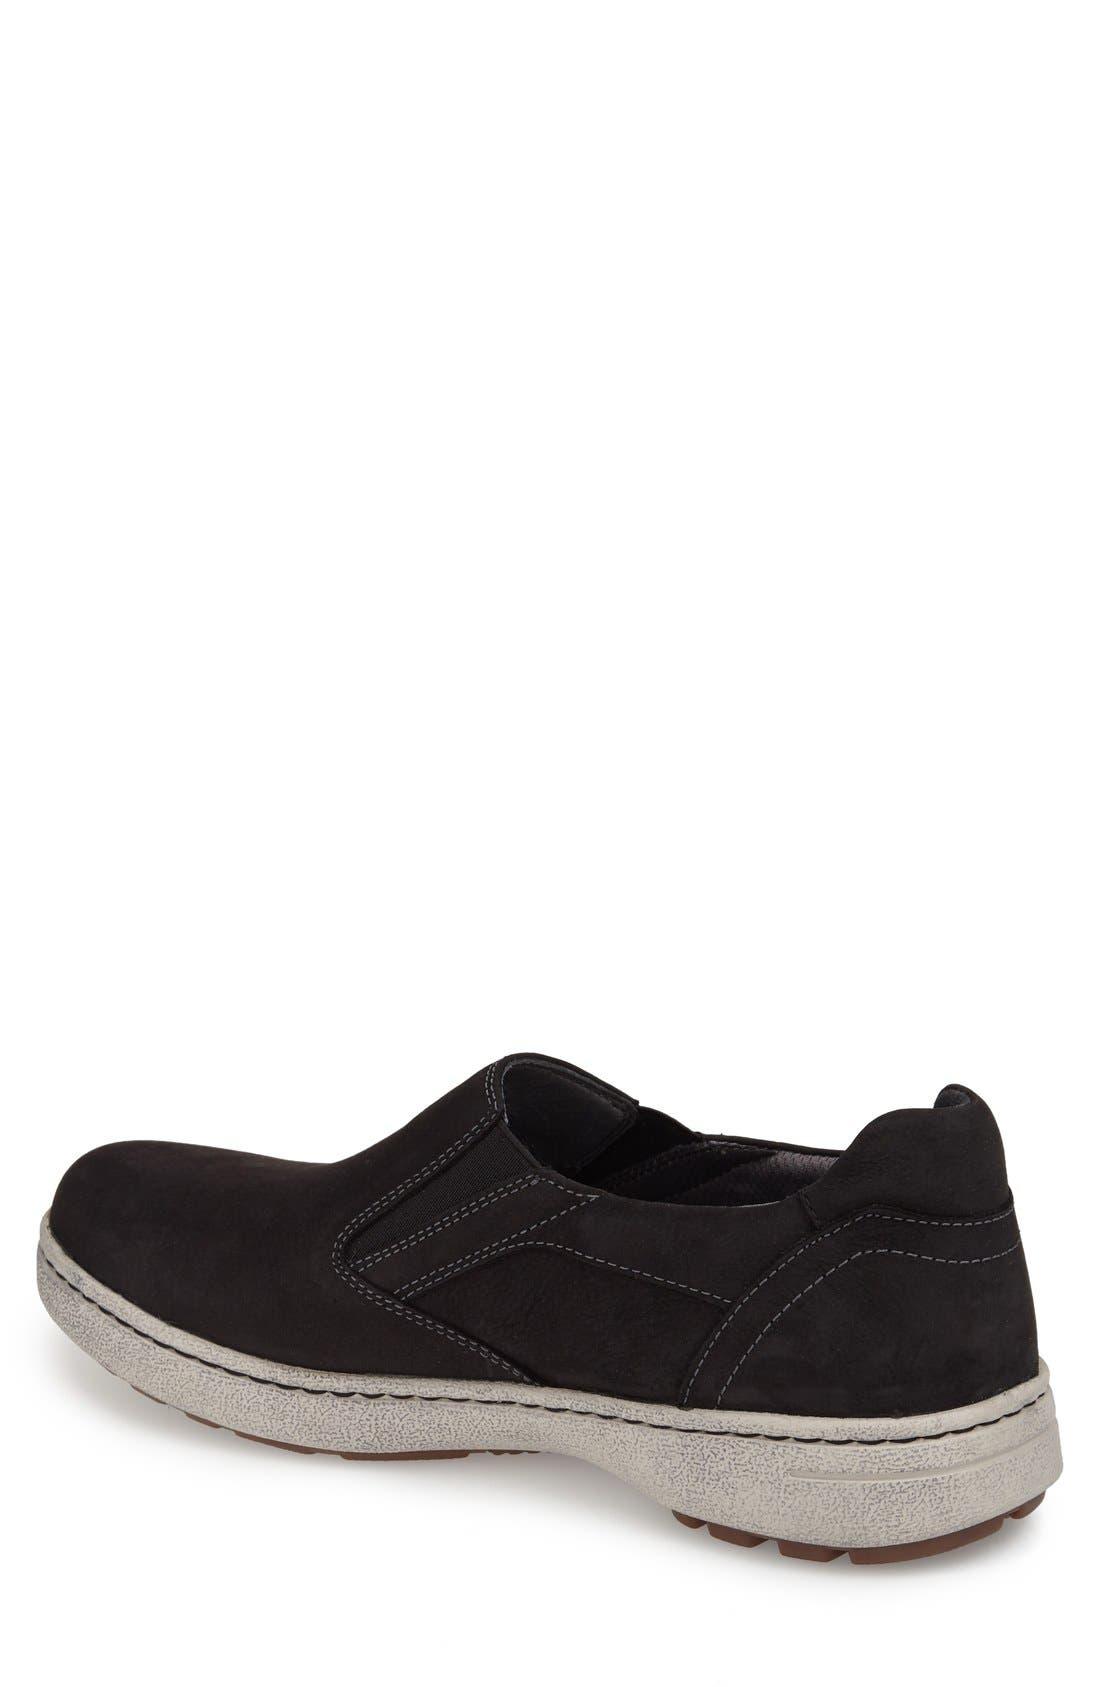 DANSKO, 'Viktor' Water Resistant Slip-On Sneaker, Alternate thumbnail 2, color, BLACK MILLED NUBUCK LEATHER